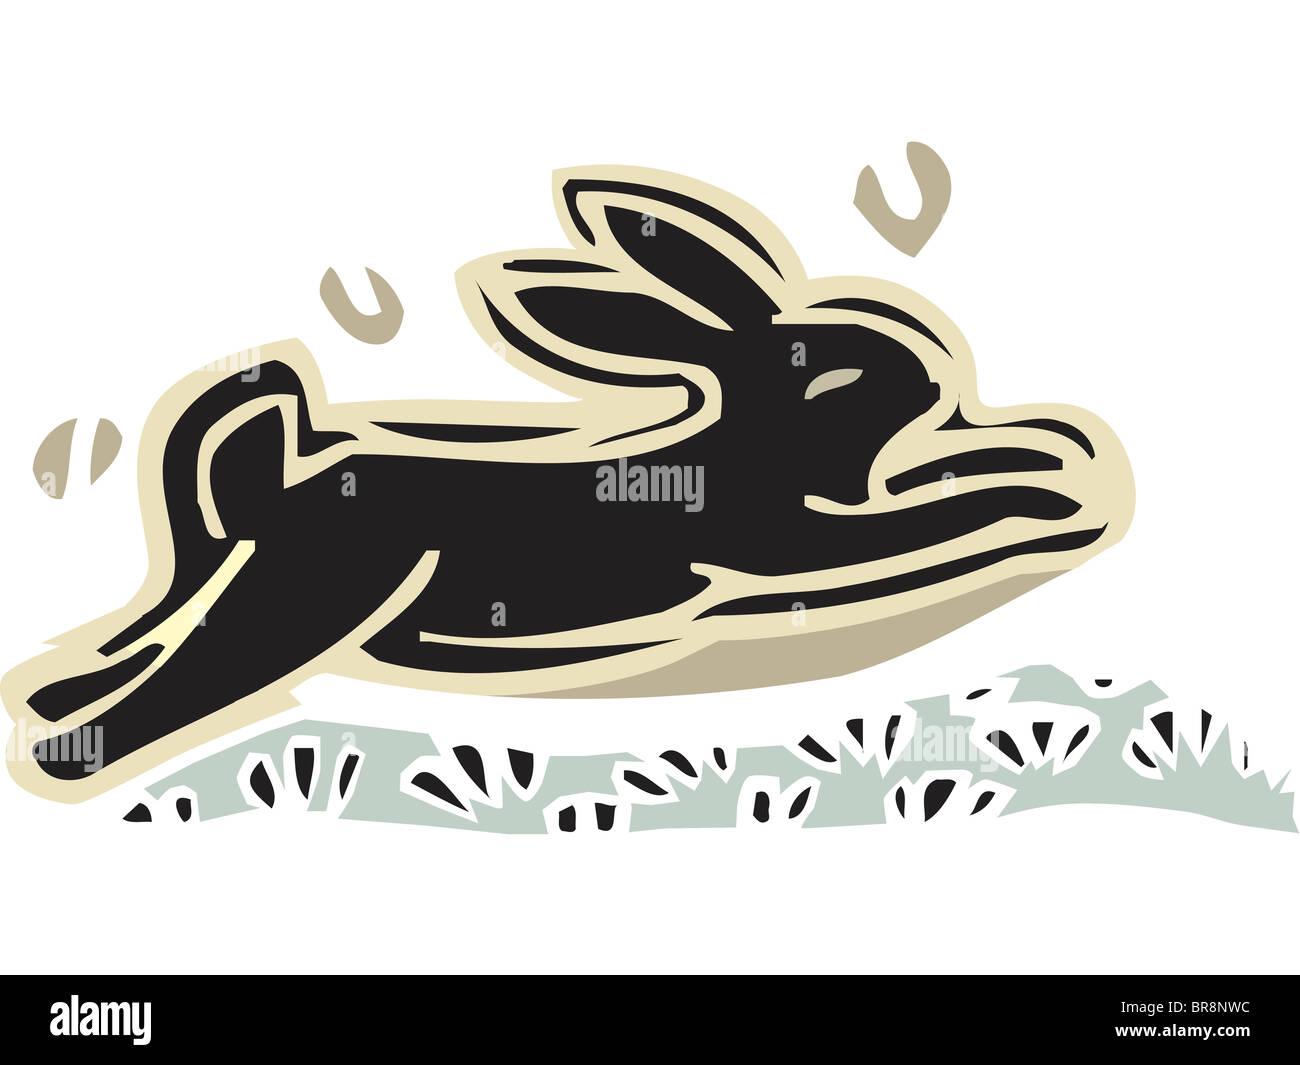 Dessin D Un Lapin Banque D Images Photo Stock 31540248 Alamy